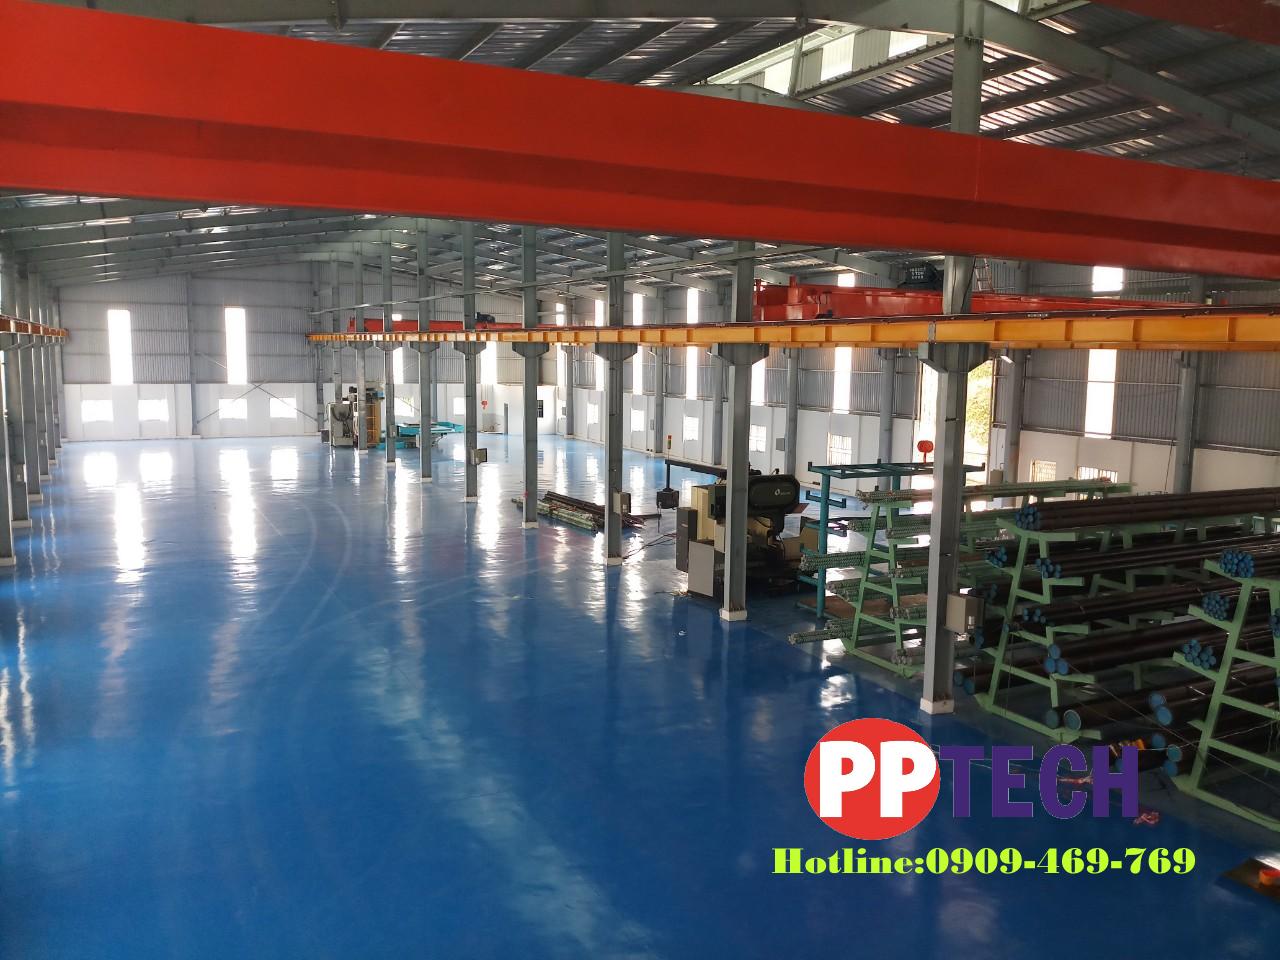 Sơn epoxy hệ lăn epoxy cho sàn nhà máy 2